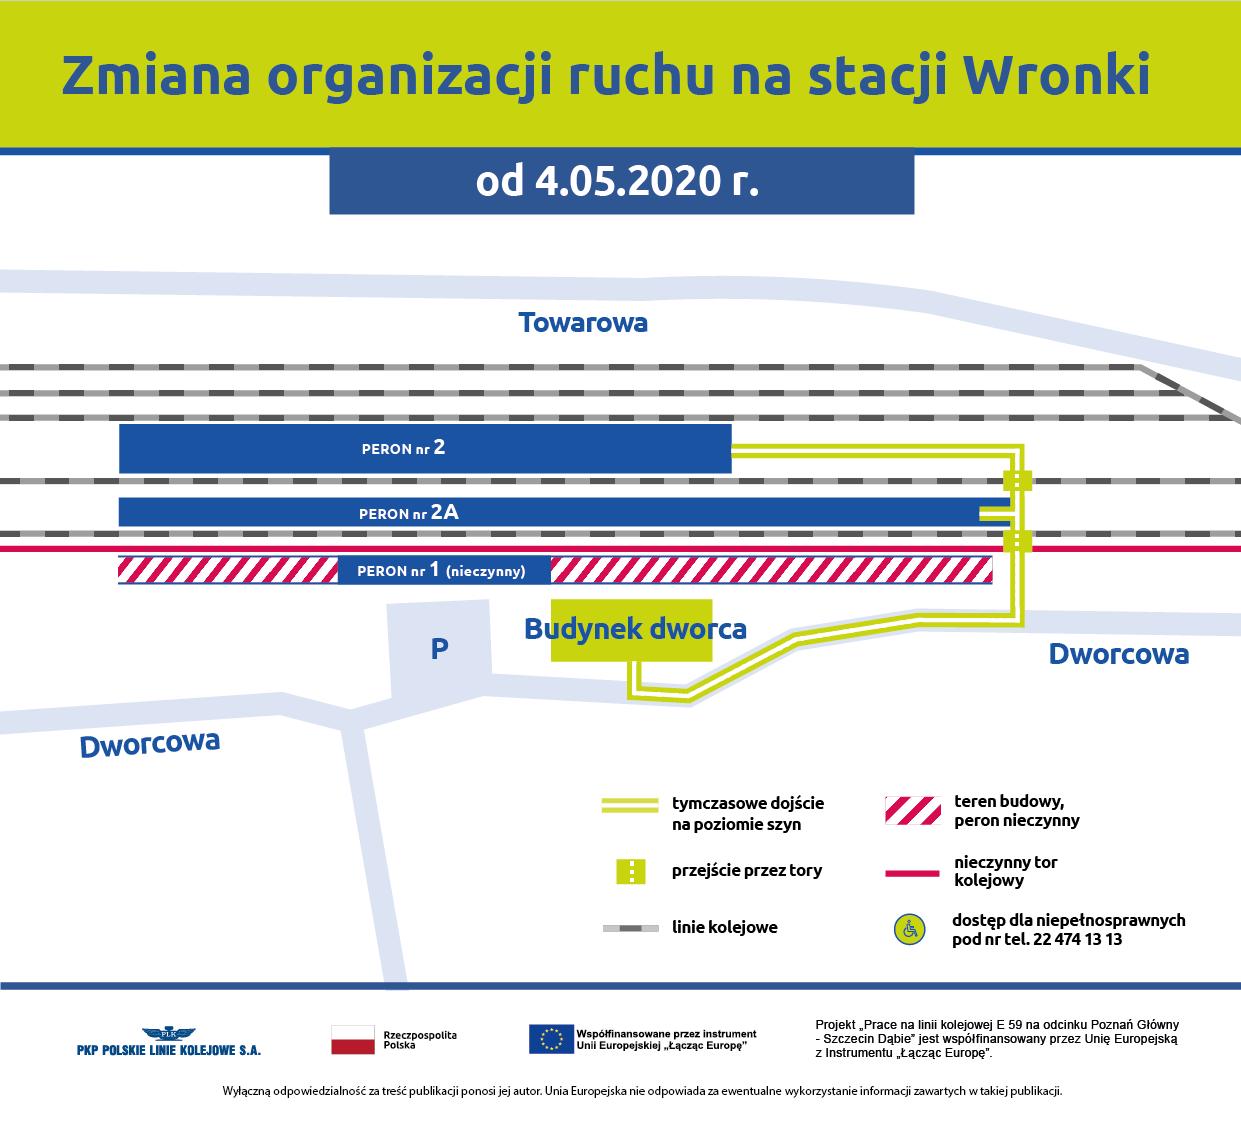 Infografika przedstawia plan nowej organizacji ruchu na stacji Wronki. Schemat pokazuje jak pasażerowie mogą dostać się na peron nr 2 i peronu nr 2a.